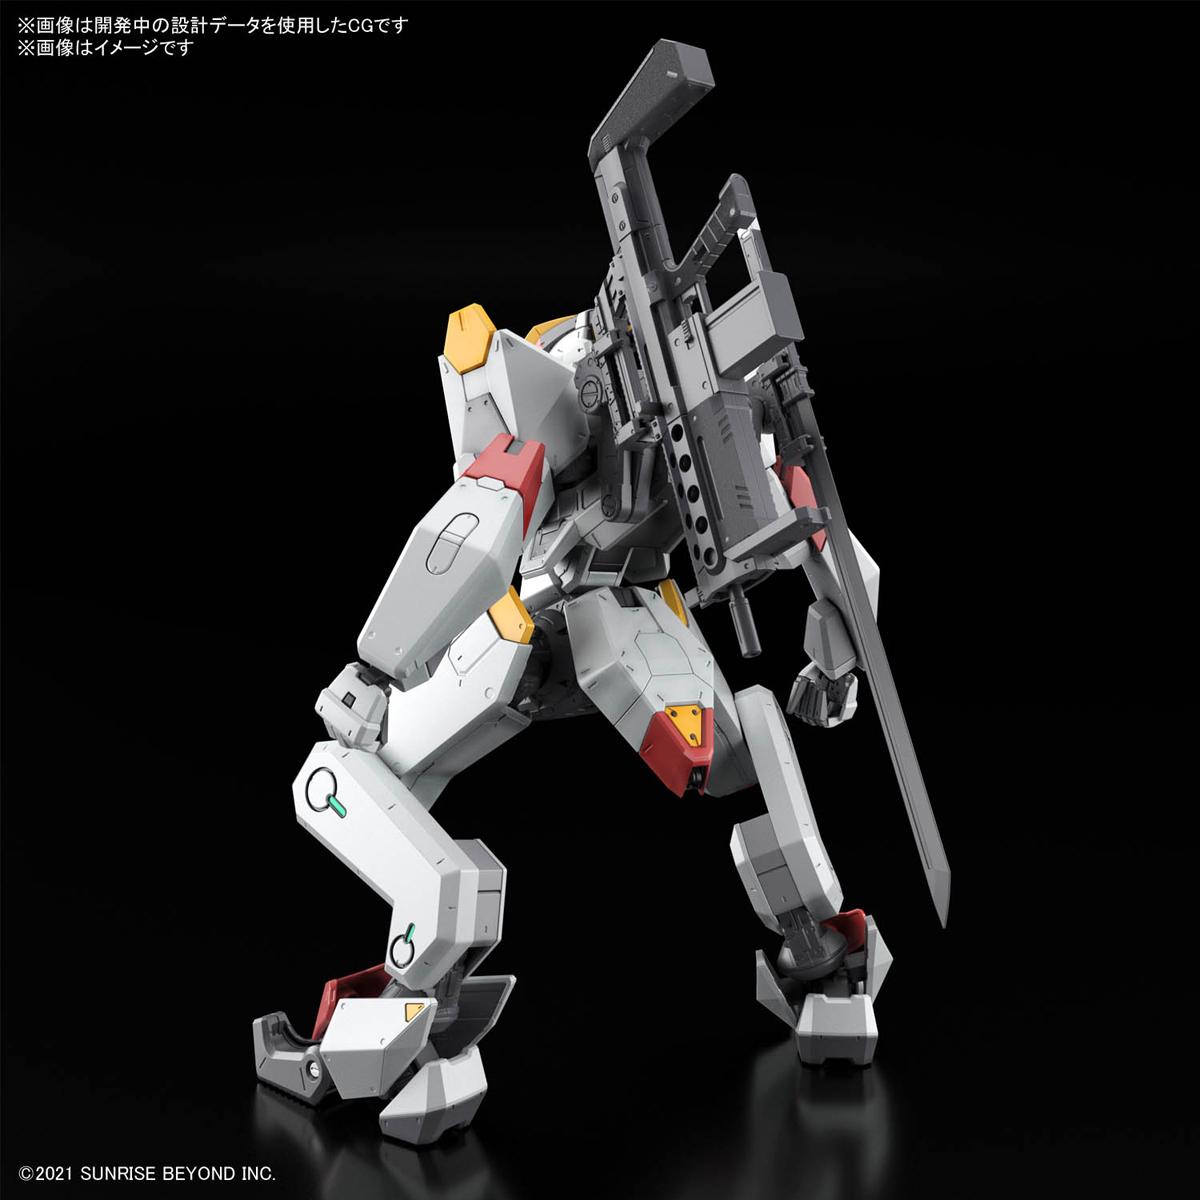 FULL MECHANICS 1/48『メイレスケンブ(初回限定クリア外装付き)』境界戦機 プラモデル-002